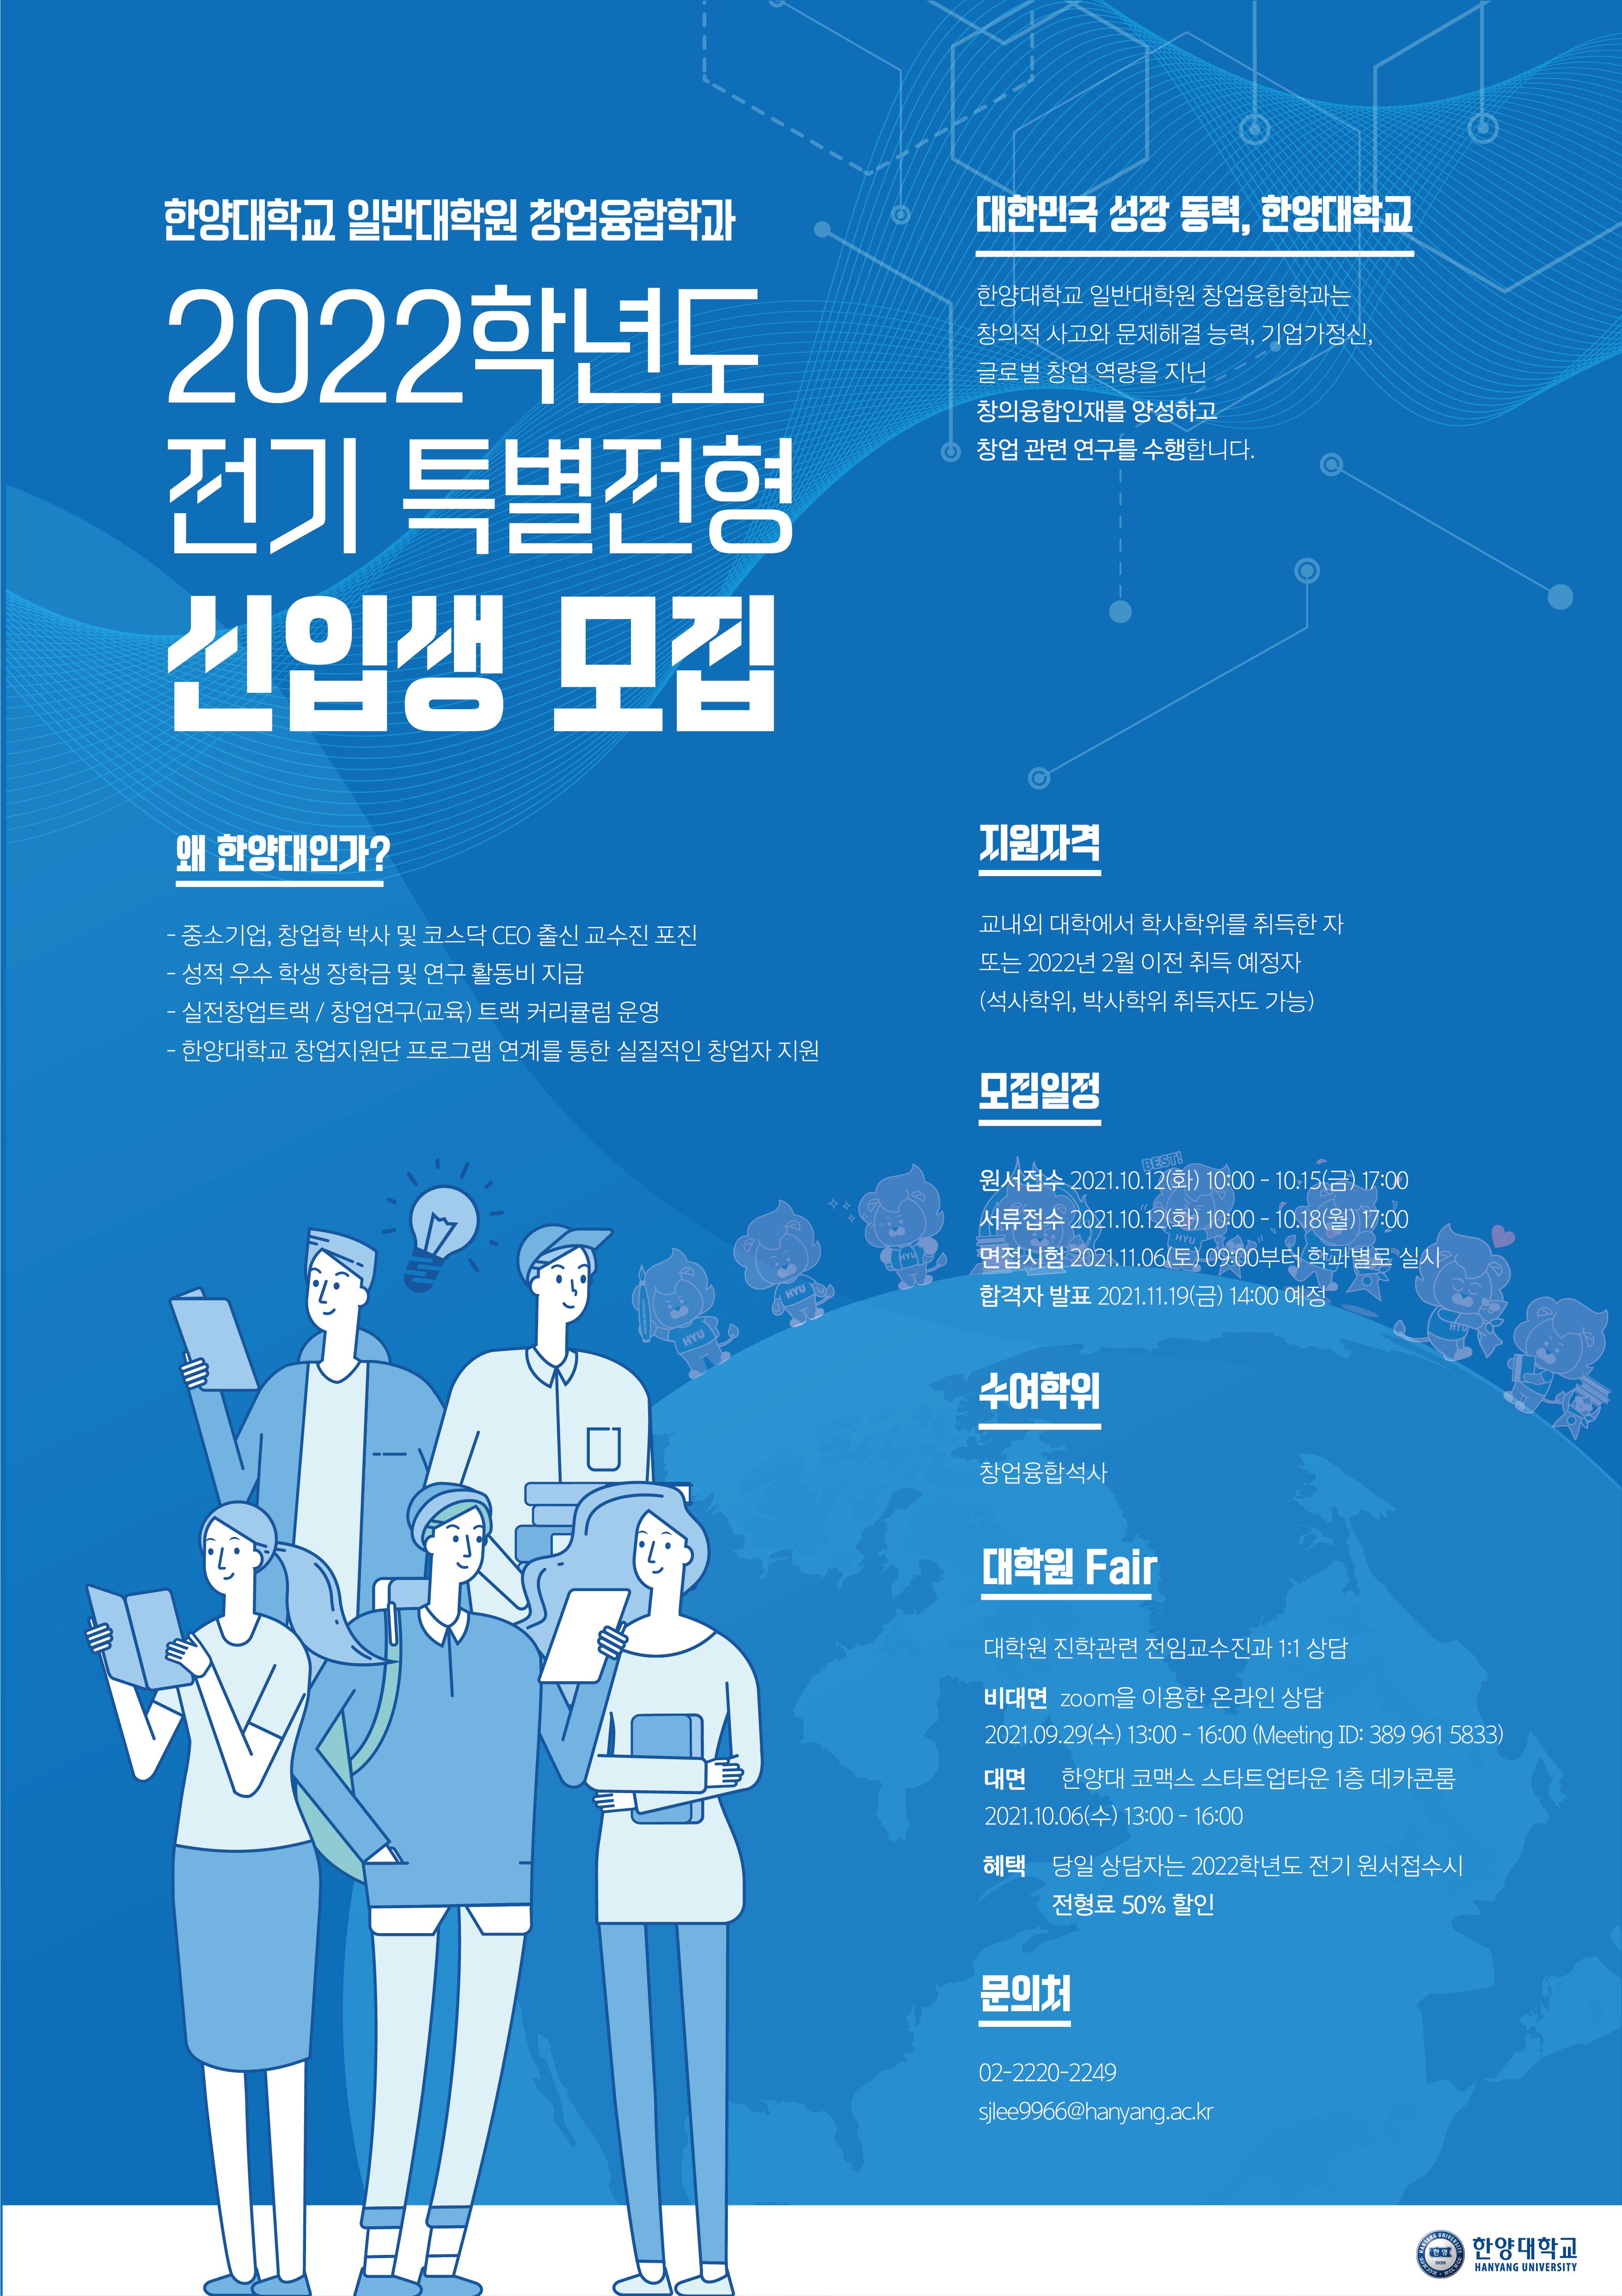 [21.10.12]한양대 일반대학원 창업융합학과, 2022학년도 전기 신입생 모집